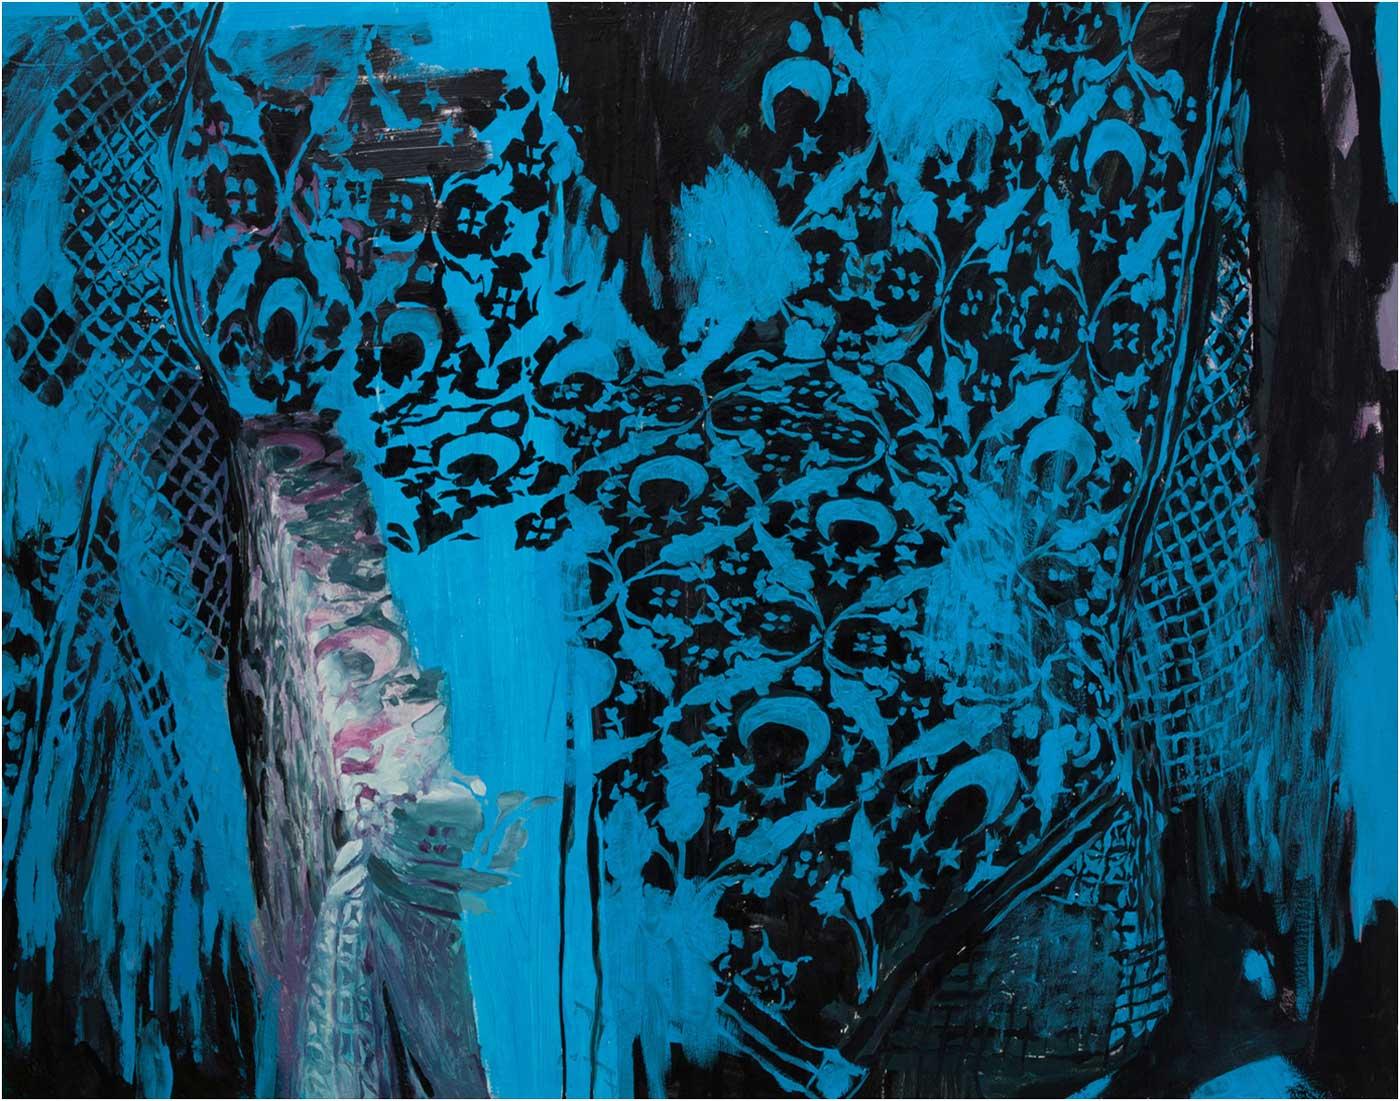 Arabeske 32, 120 x 155 cm, Öl/Lwd., 2013